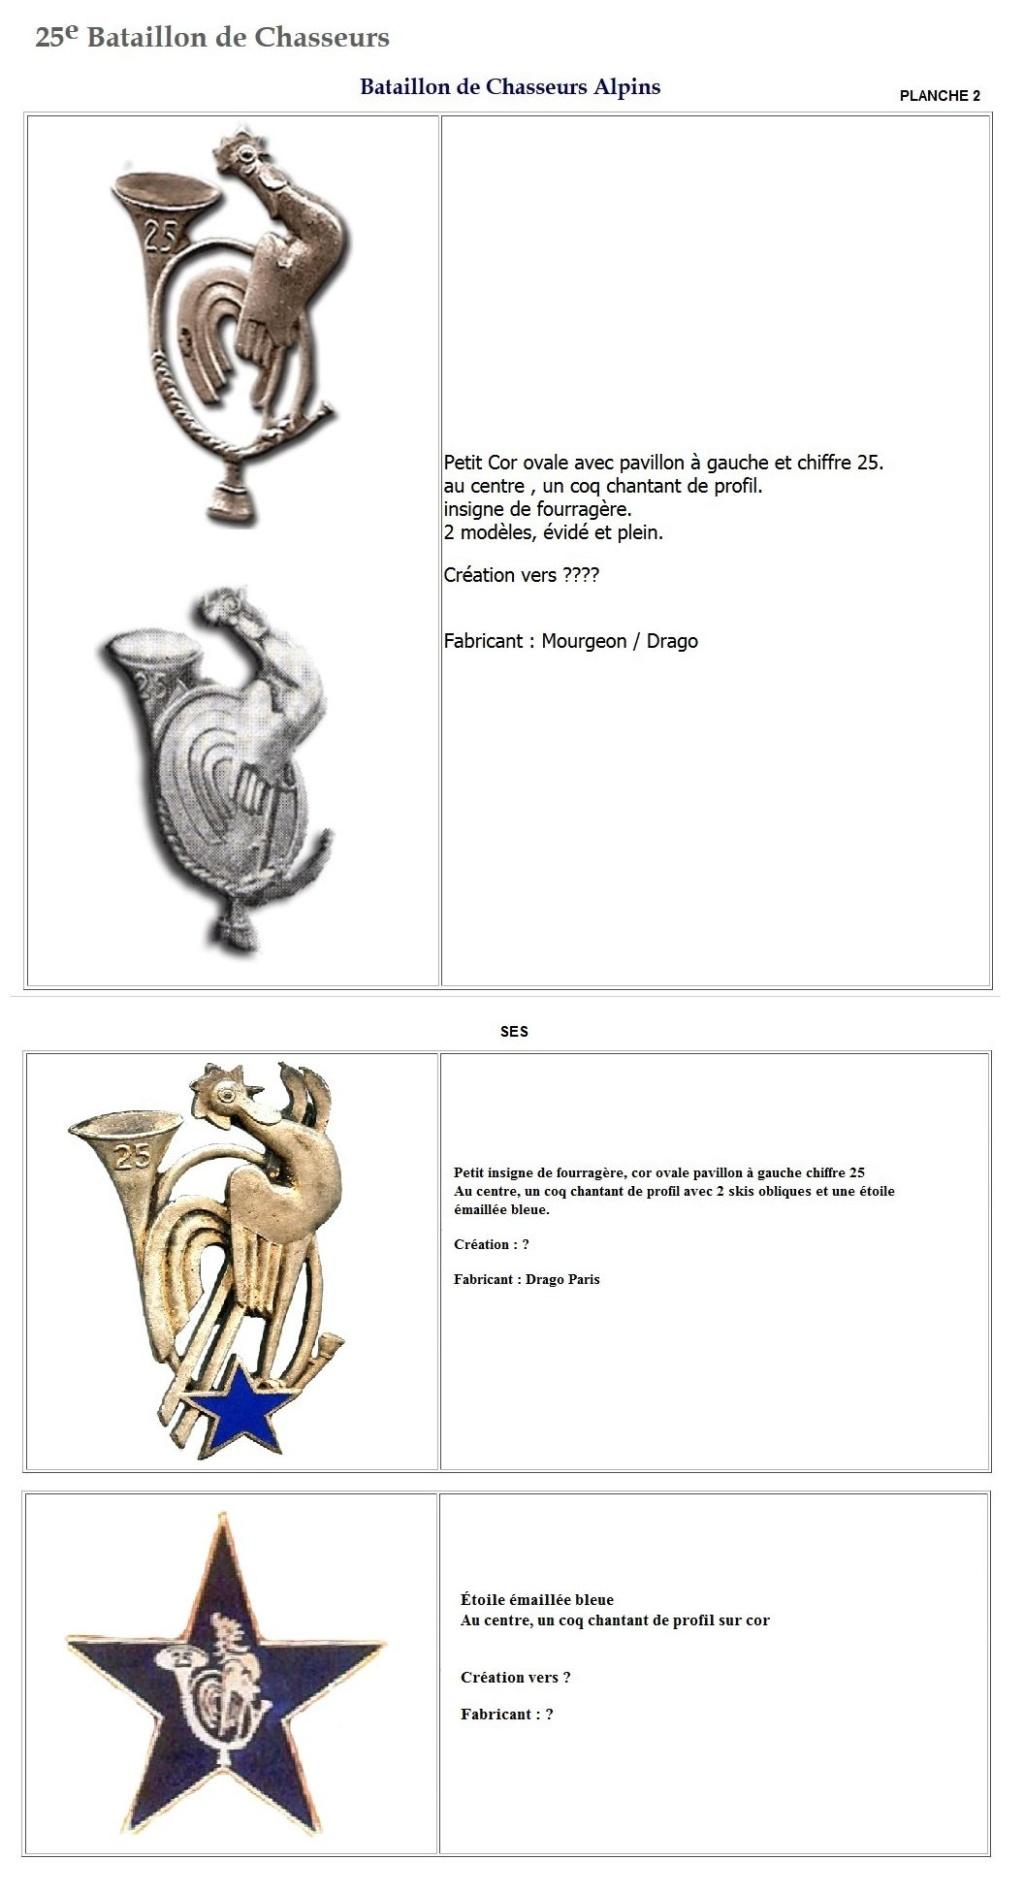 Les insignes de bataillons- Mise à jour... - Page 2 25e_pl12